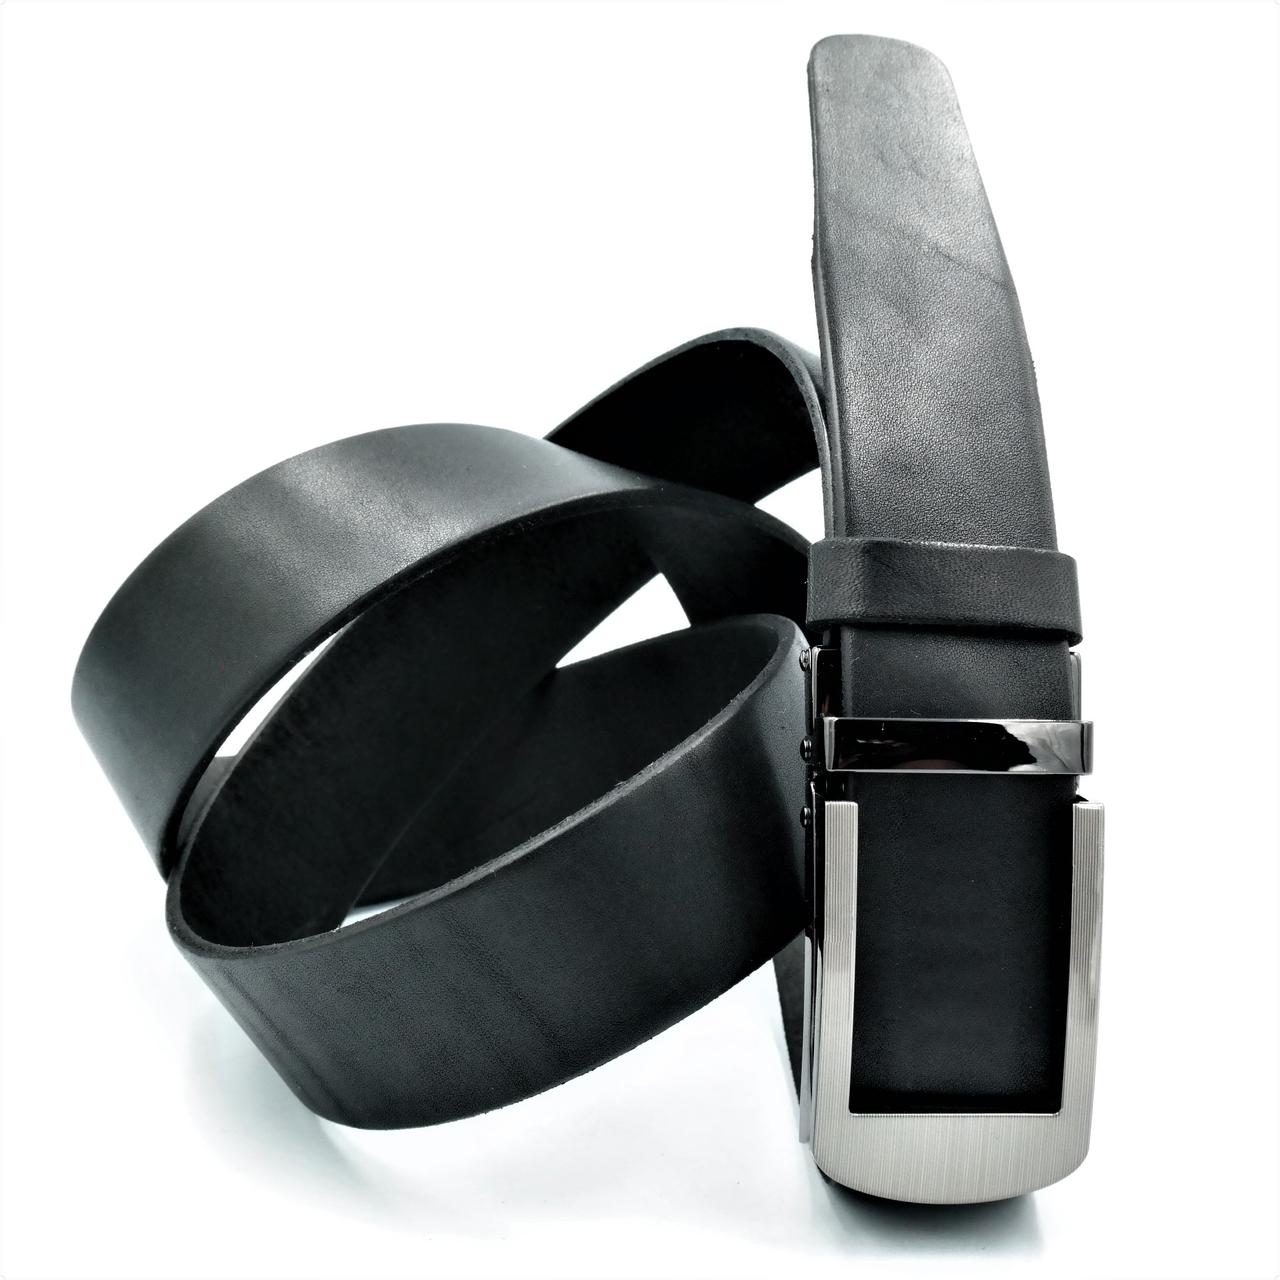 Мужской кожаный ремень-автомат Le-Mon 110-125 см Черный (newm-35avk-0001)